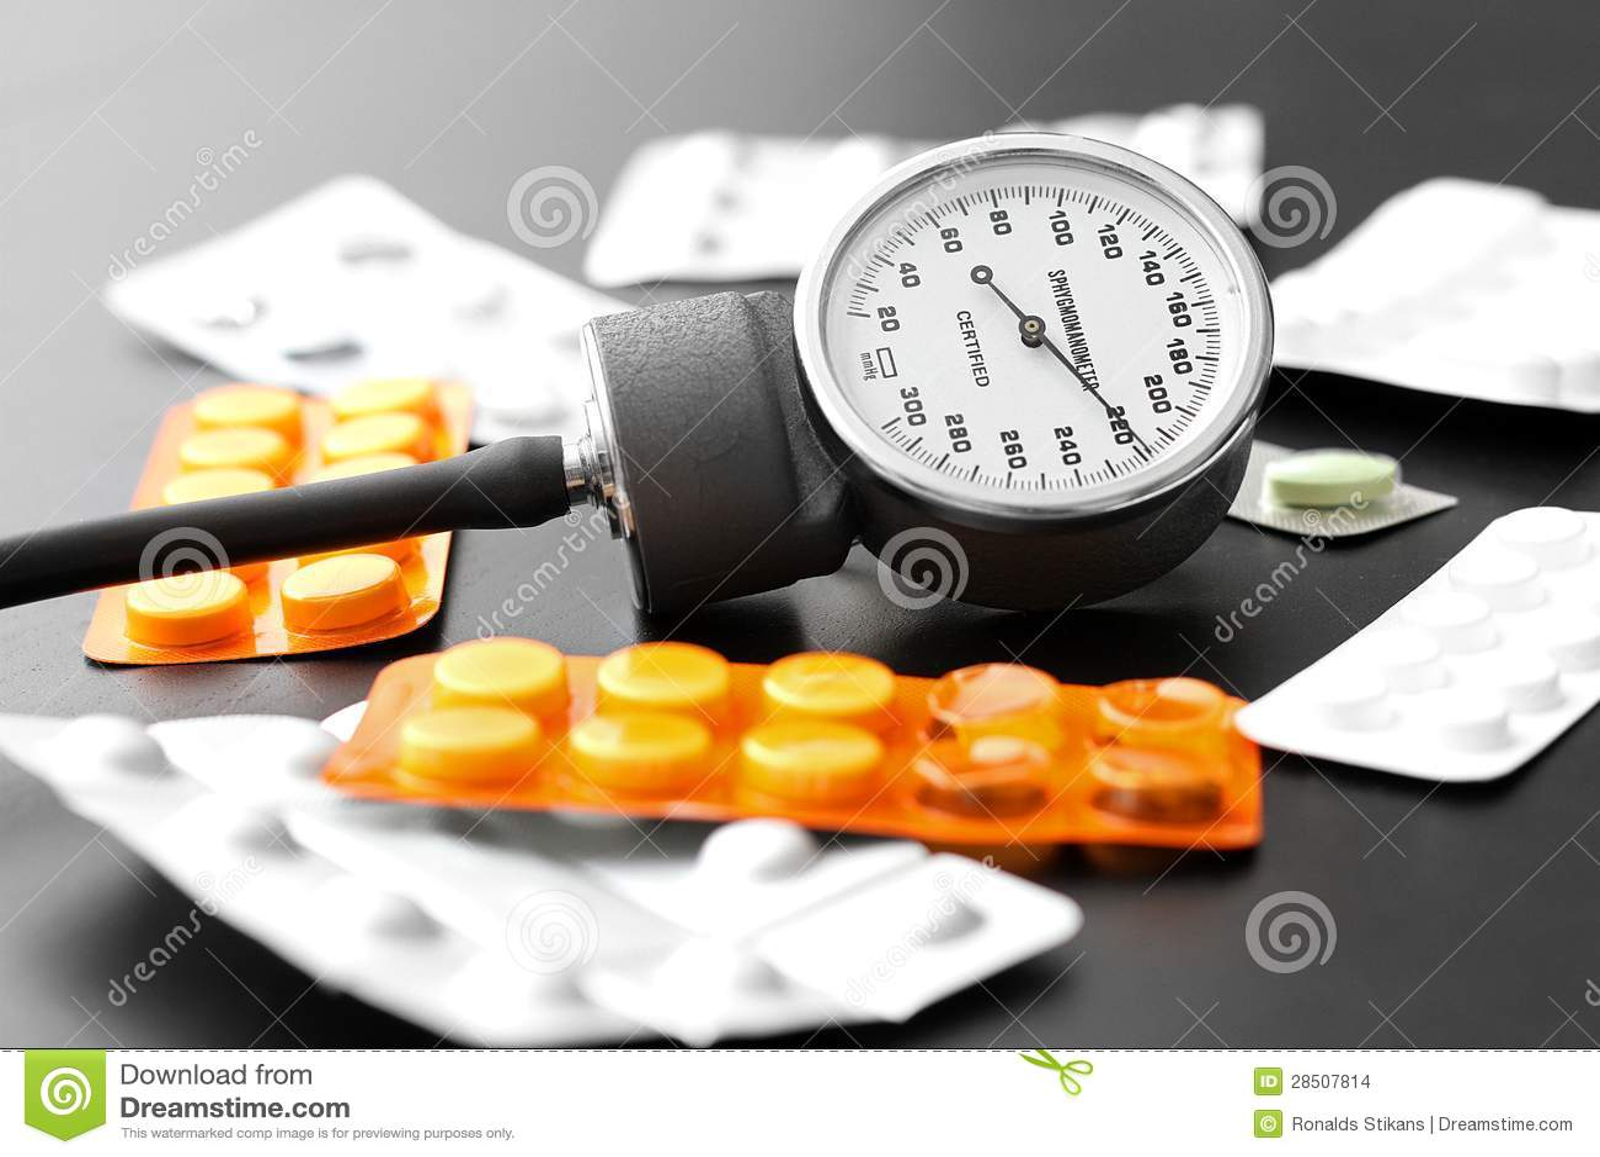 Bloeddrukmeter en pillen op de lijst